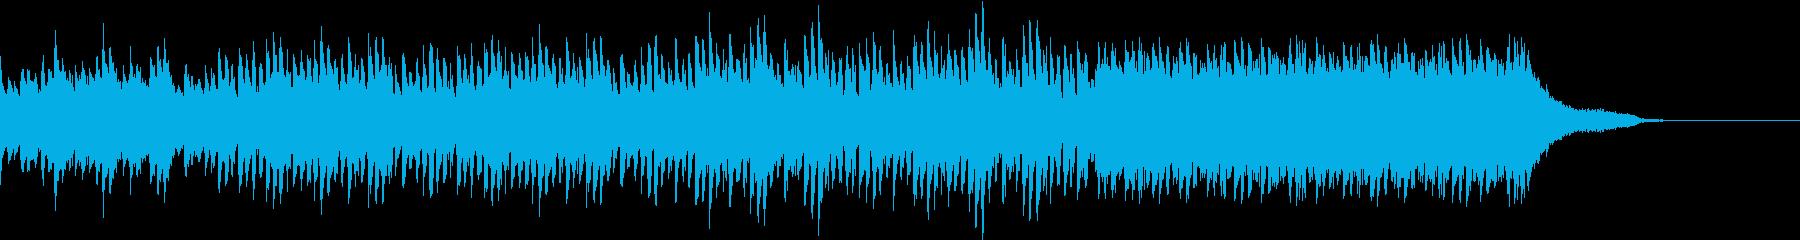 【1分版】ハッピーなピアノハウスの再生済みの波形